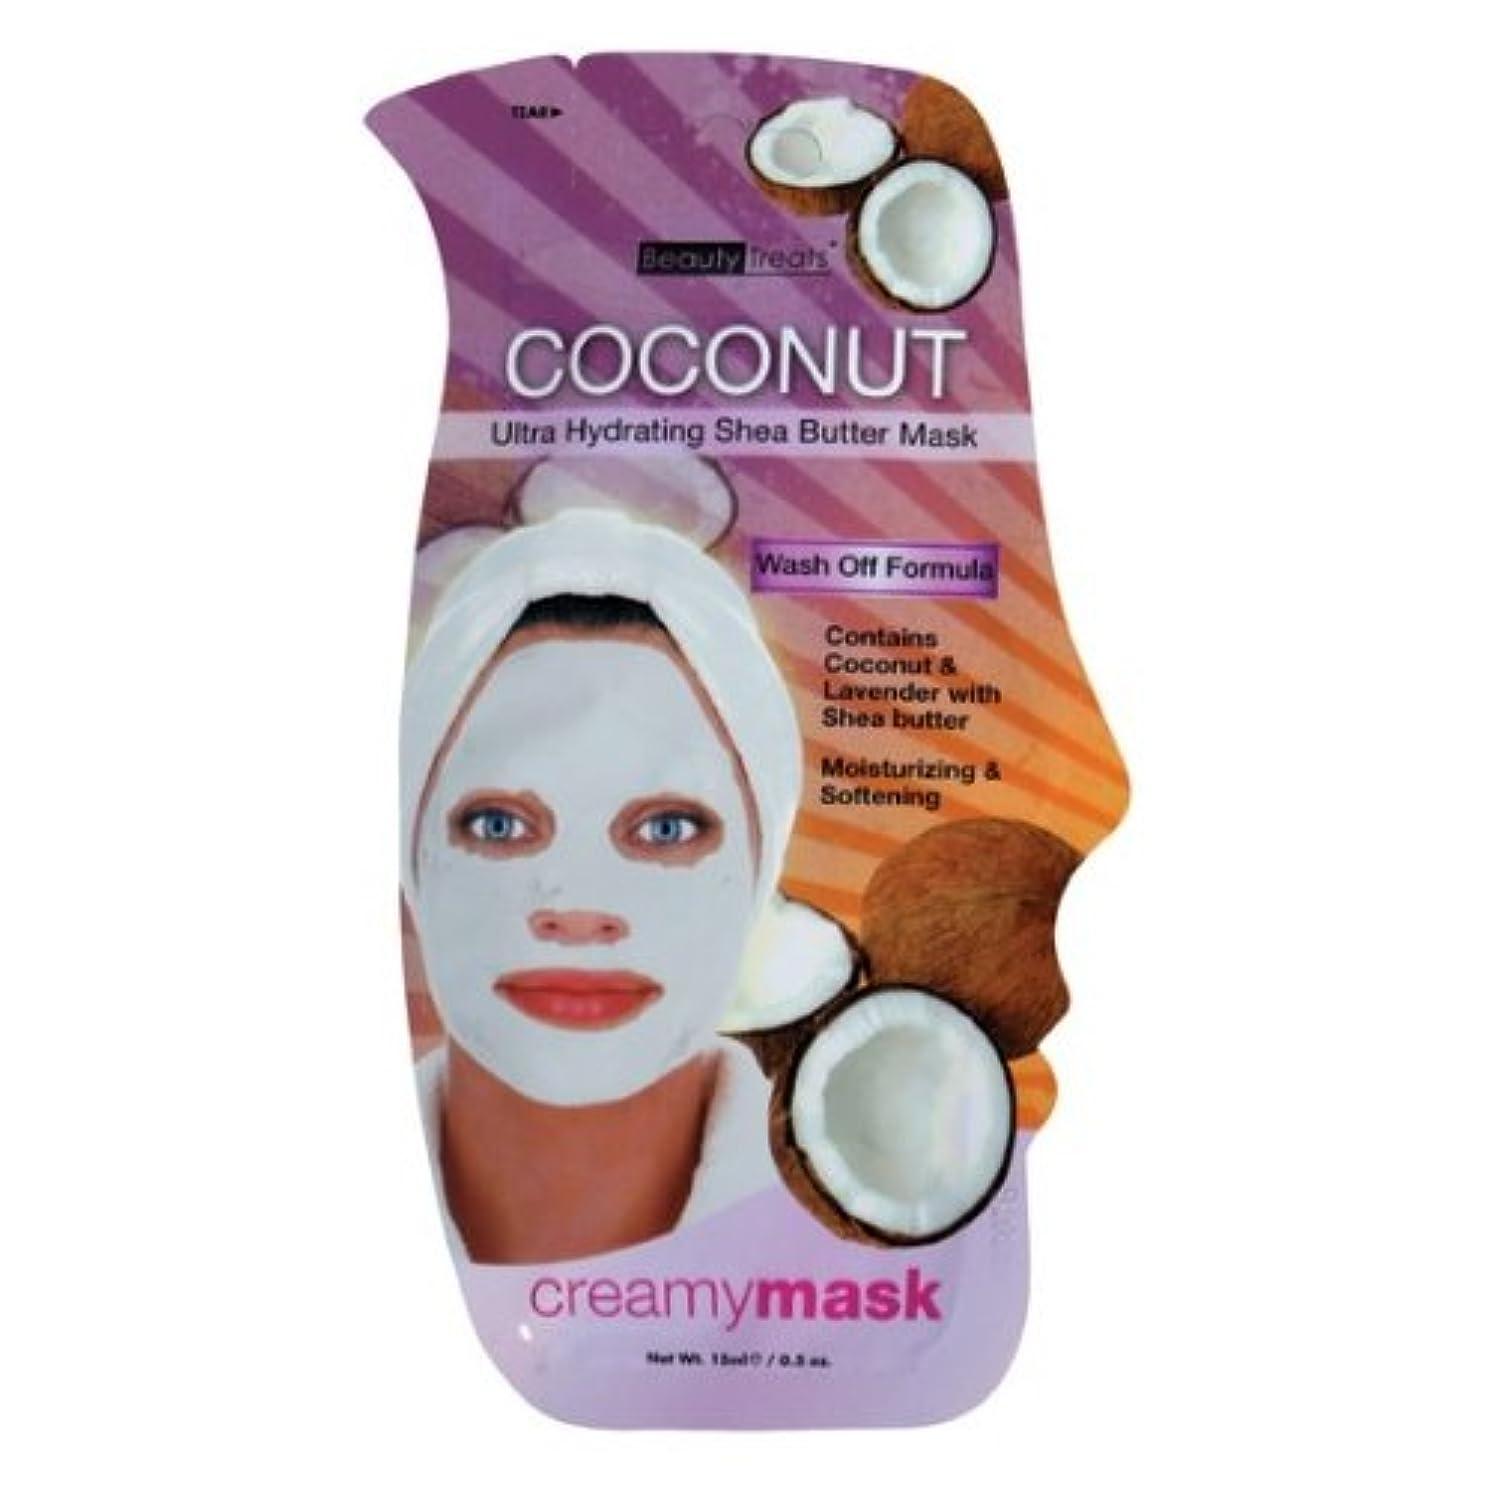 アグネスグレイスライム水族館(6 Pack) BEAUTY TREATS Coconut Ultra Hydrating Shea Butter Mask - Coconut (並行輸入品)